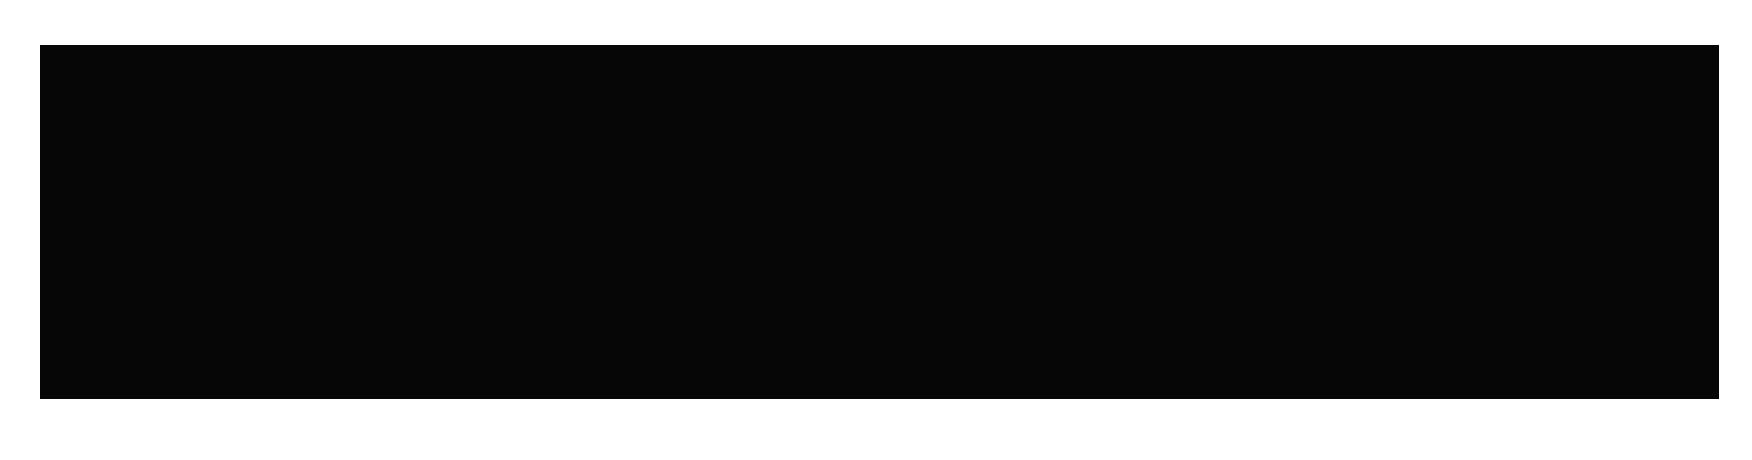 logo Fresnoy